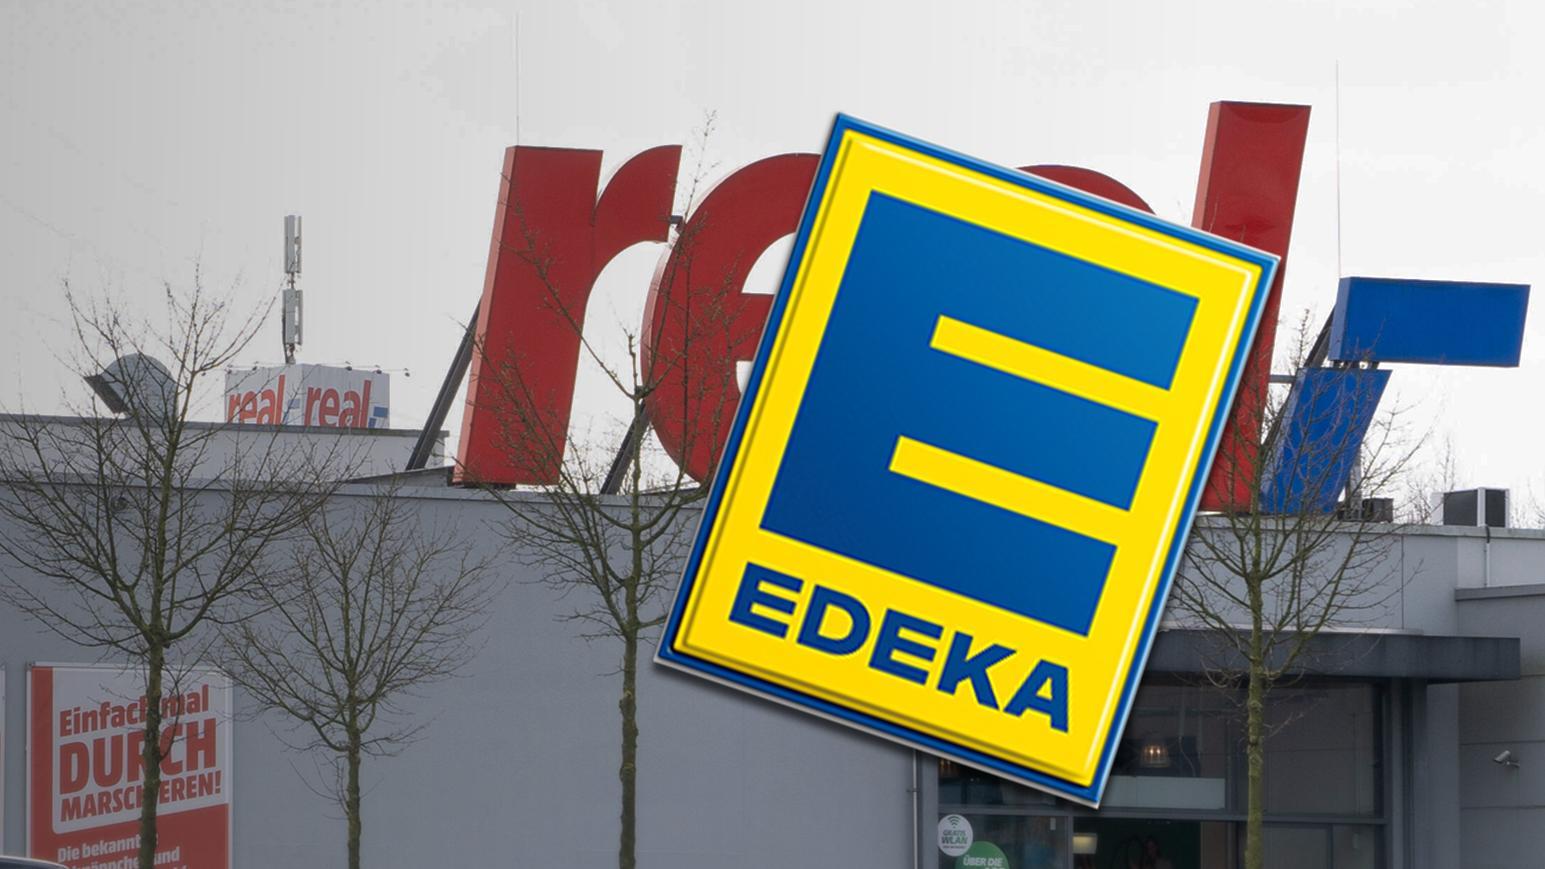 Weitere Übernahmetermine von Real-Standorten durch Edeka stehen fest.